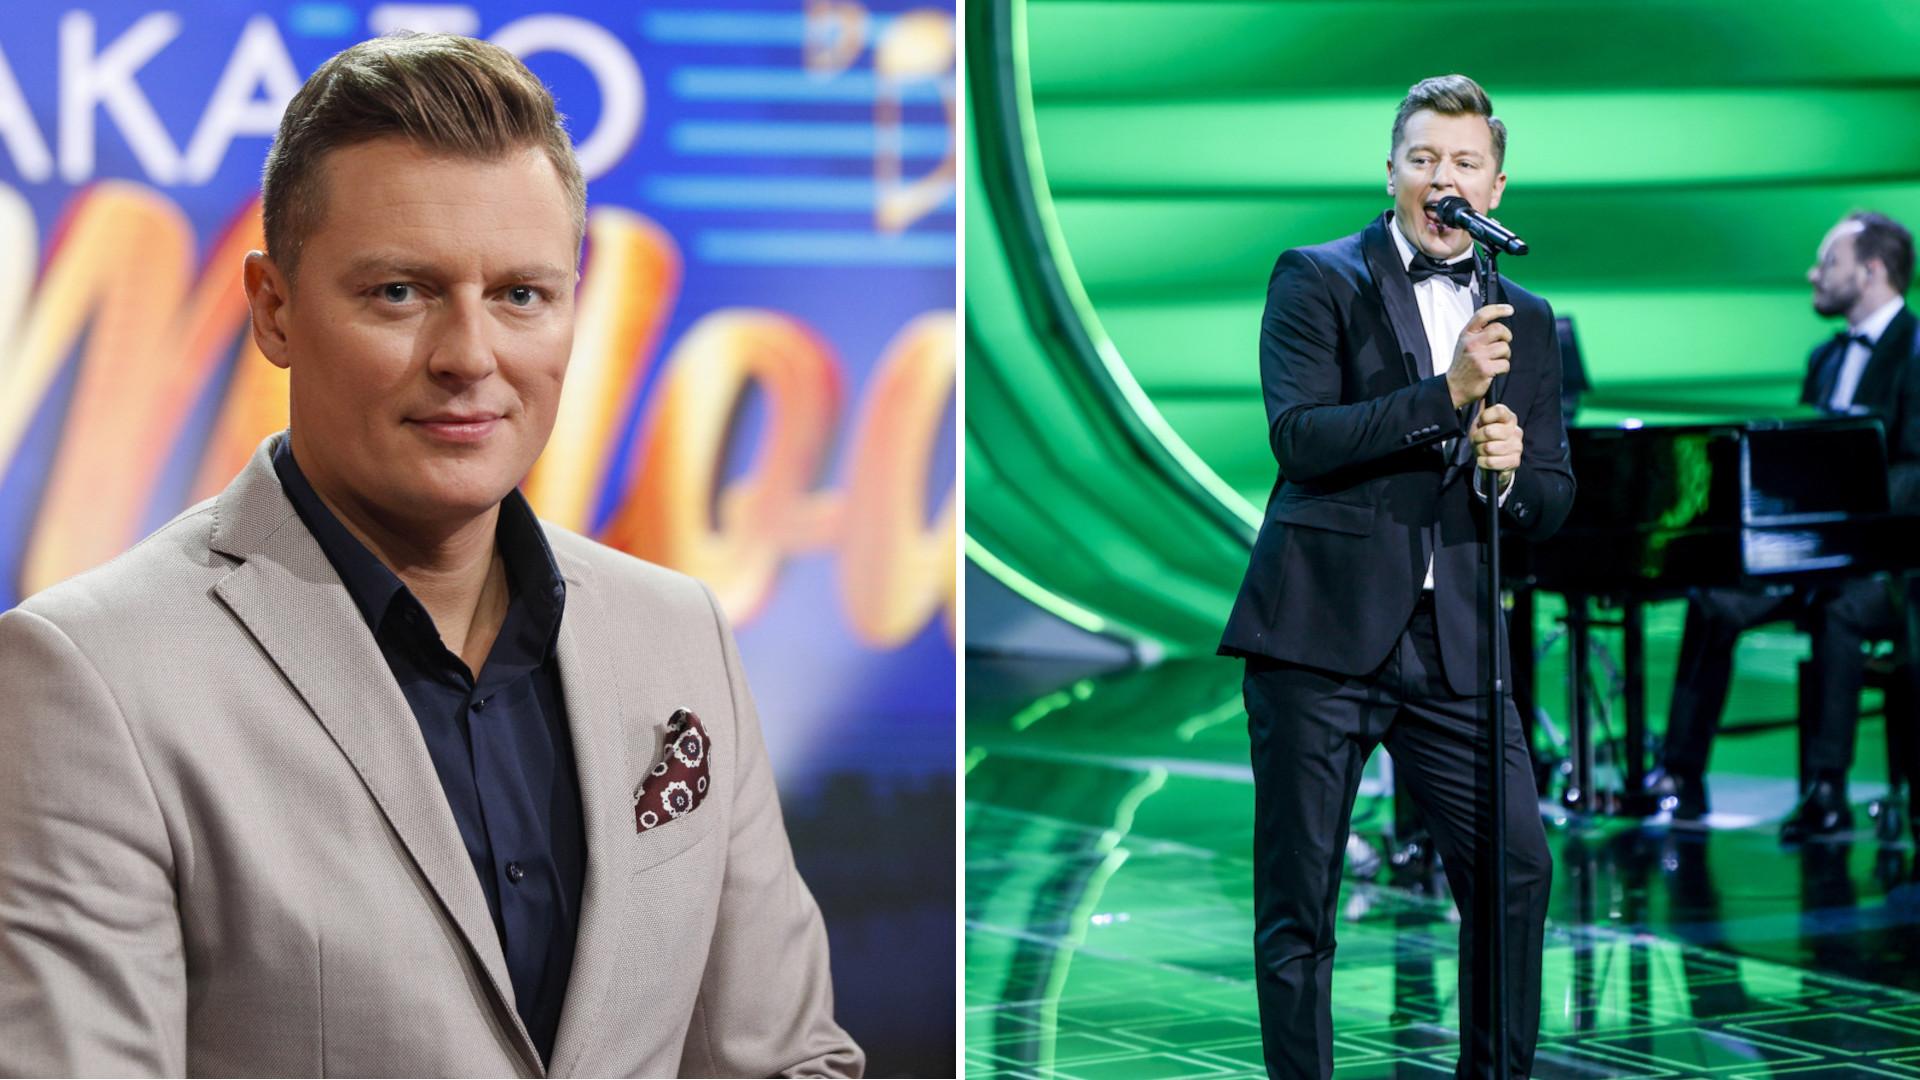 To OFICJALNE! TVP poinformowała, kto pojedzie na Eurowizję